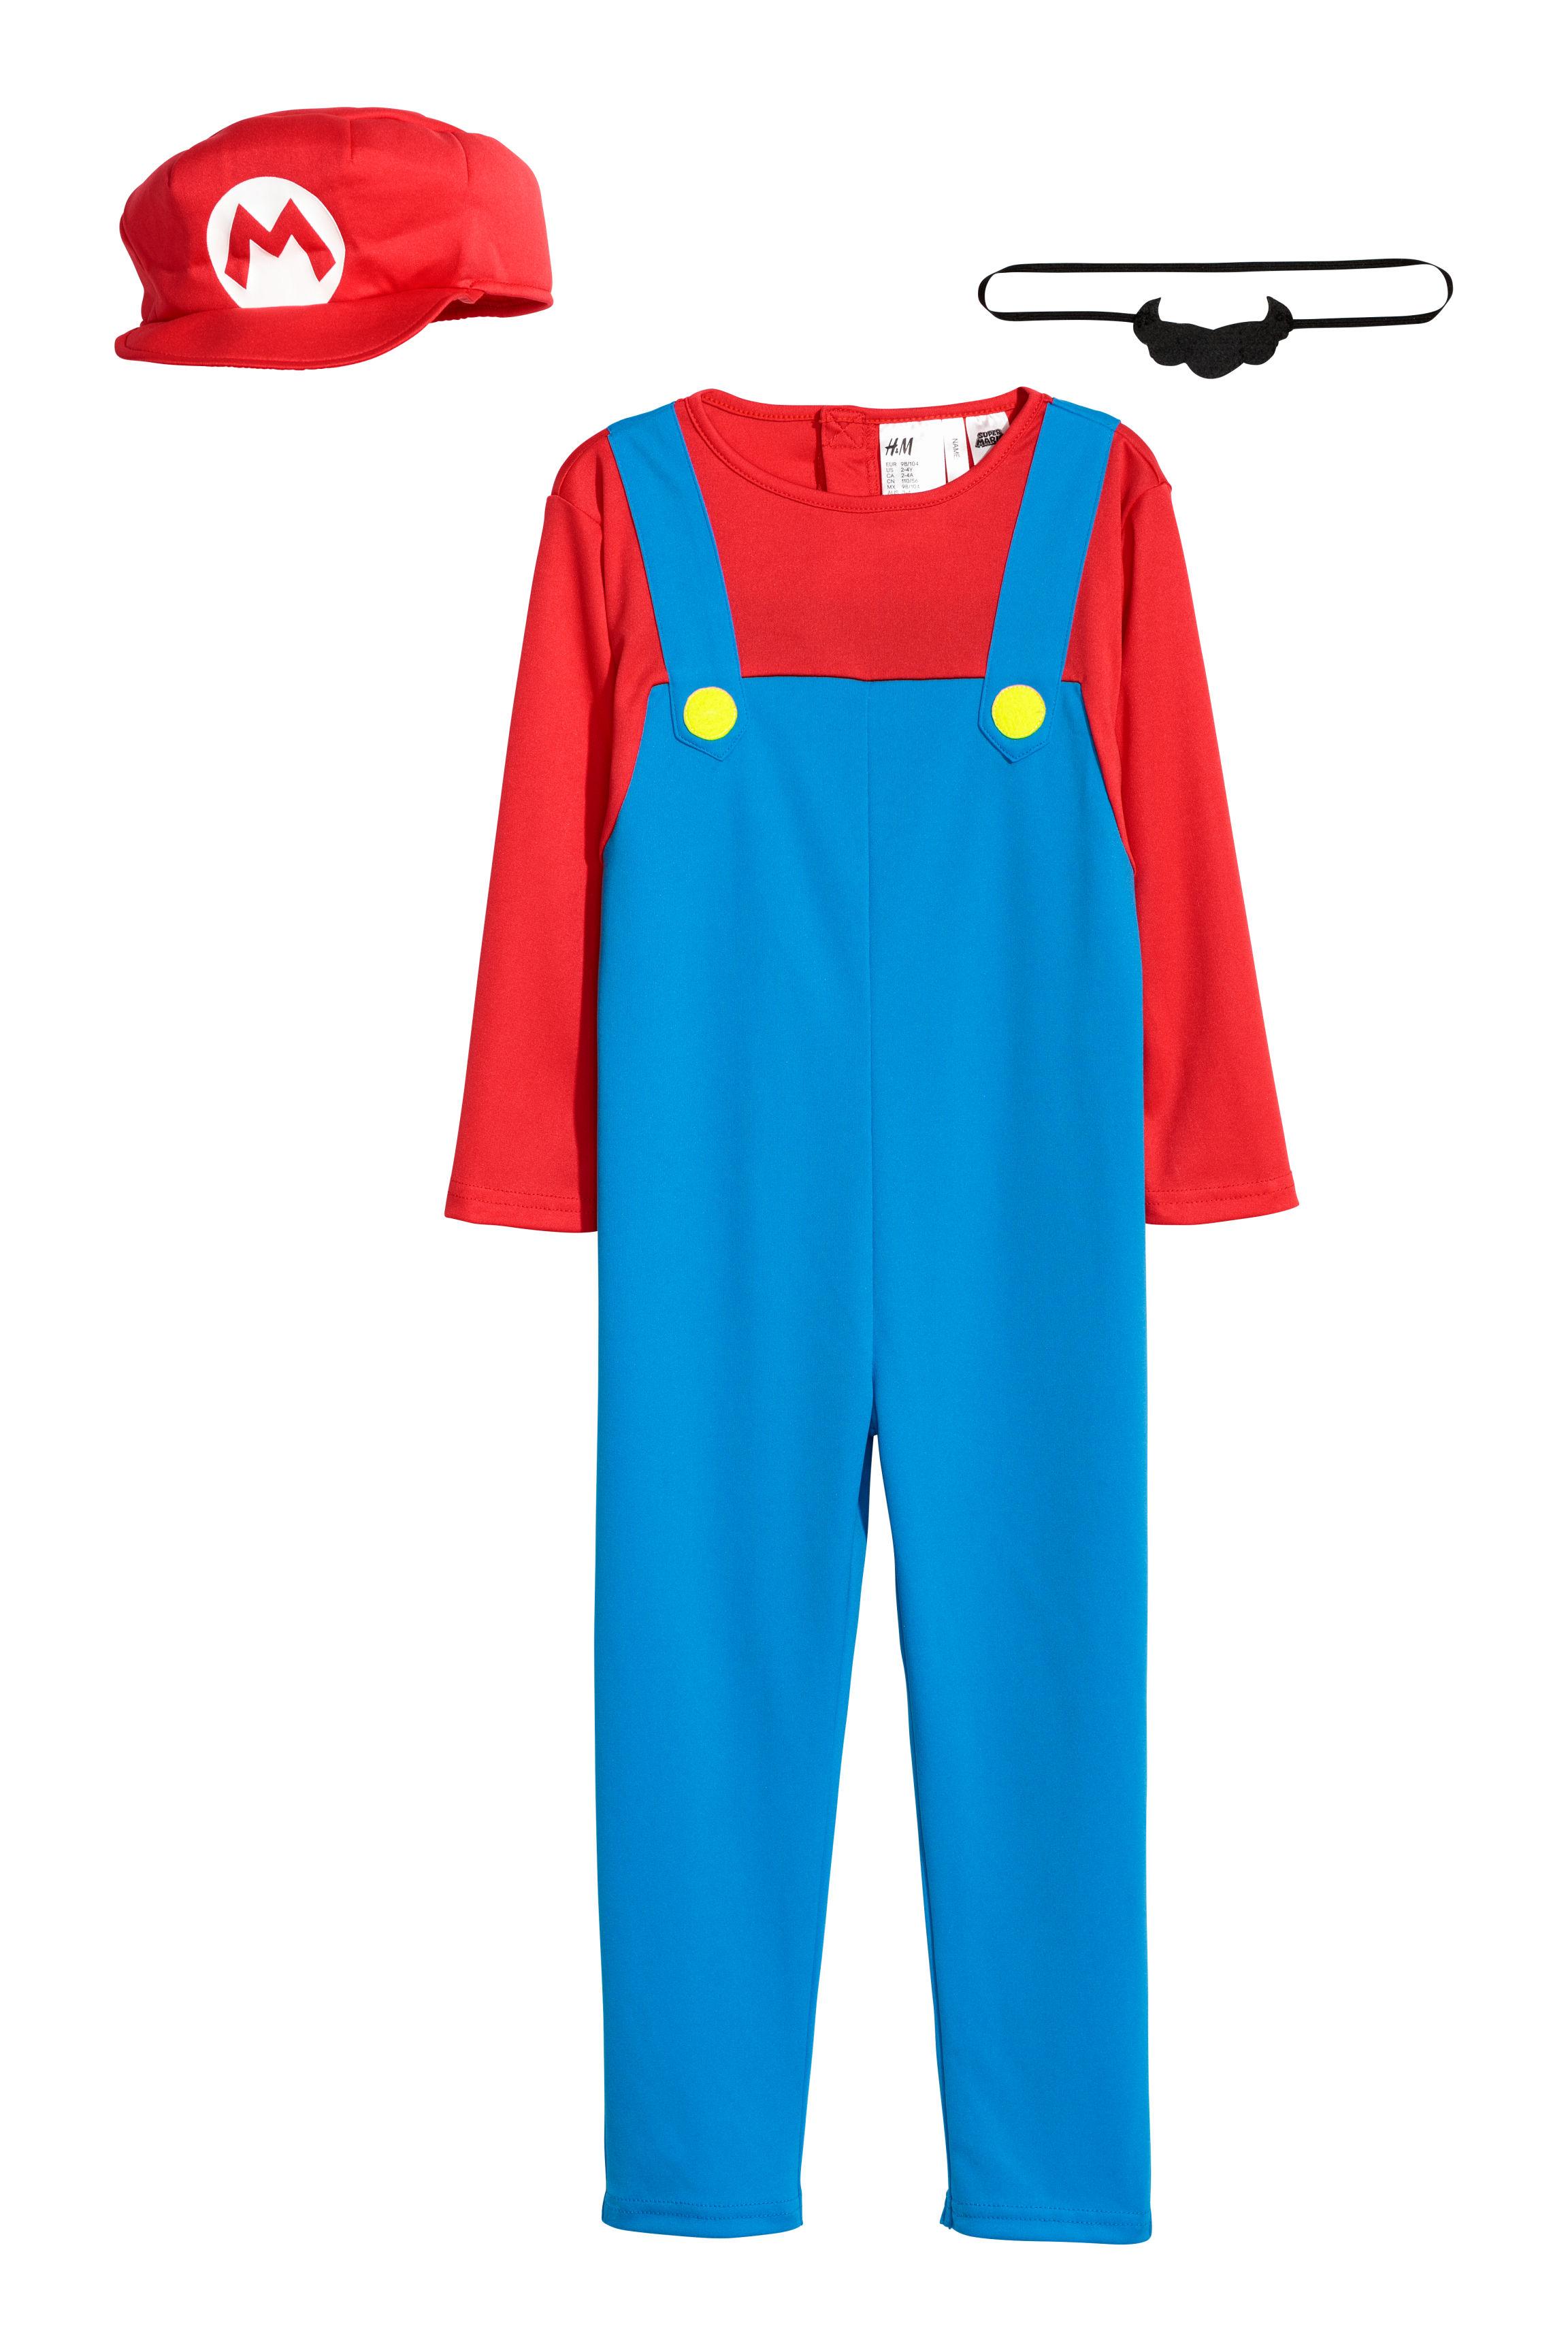 come scegliere davvero economico nuove varietà Costume da Super Mario